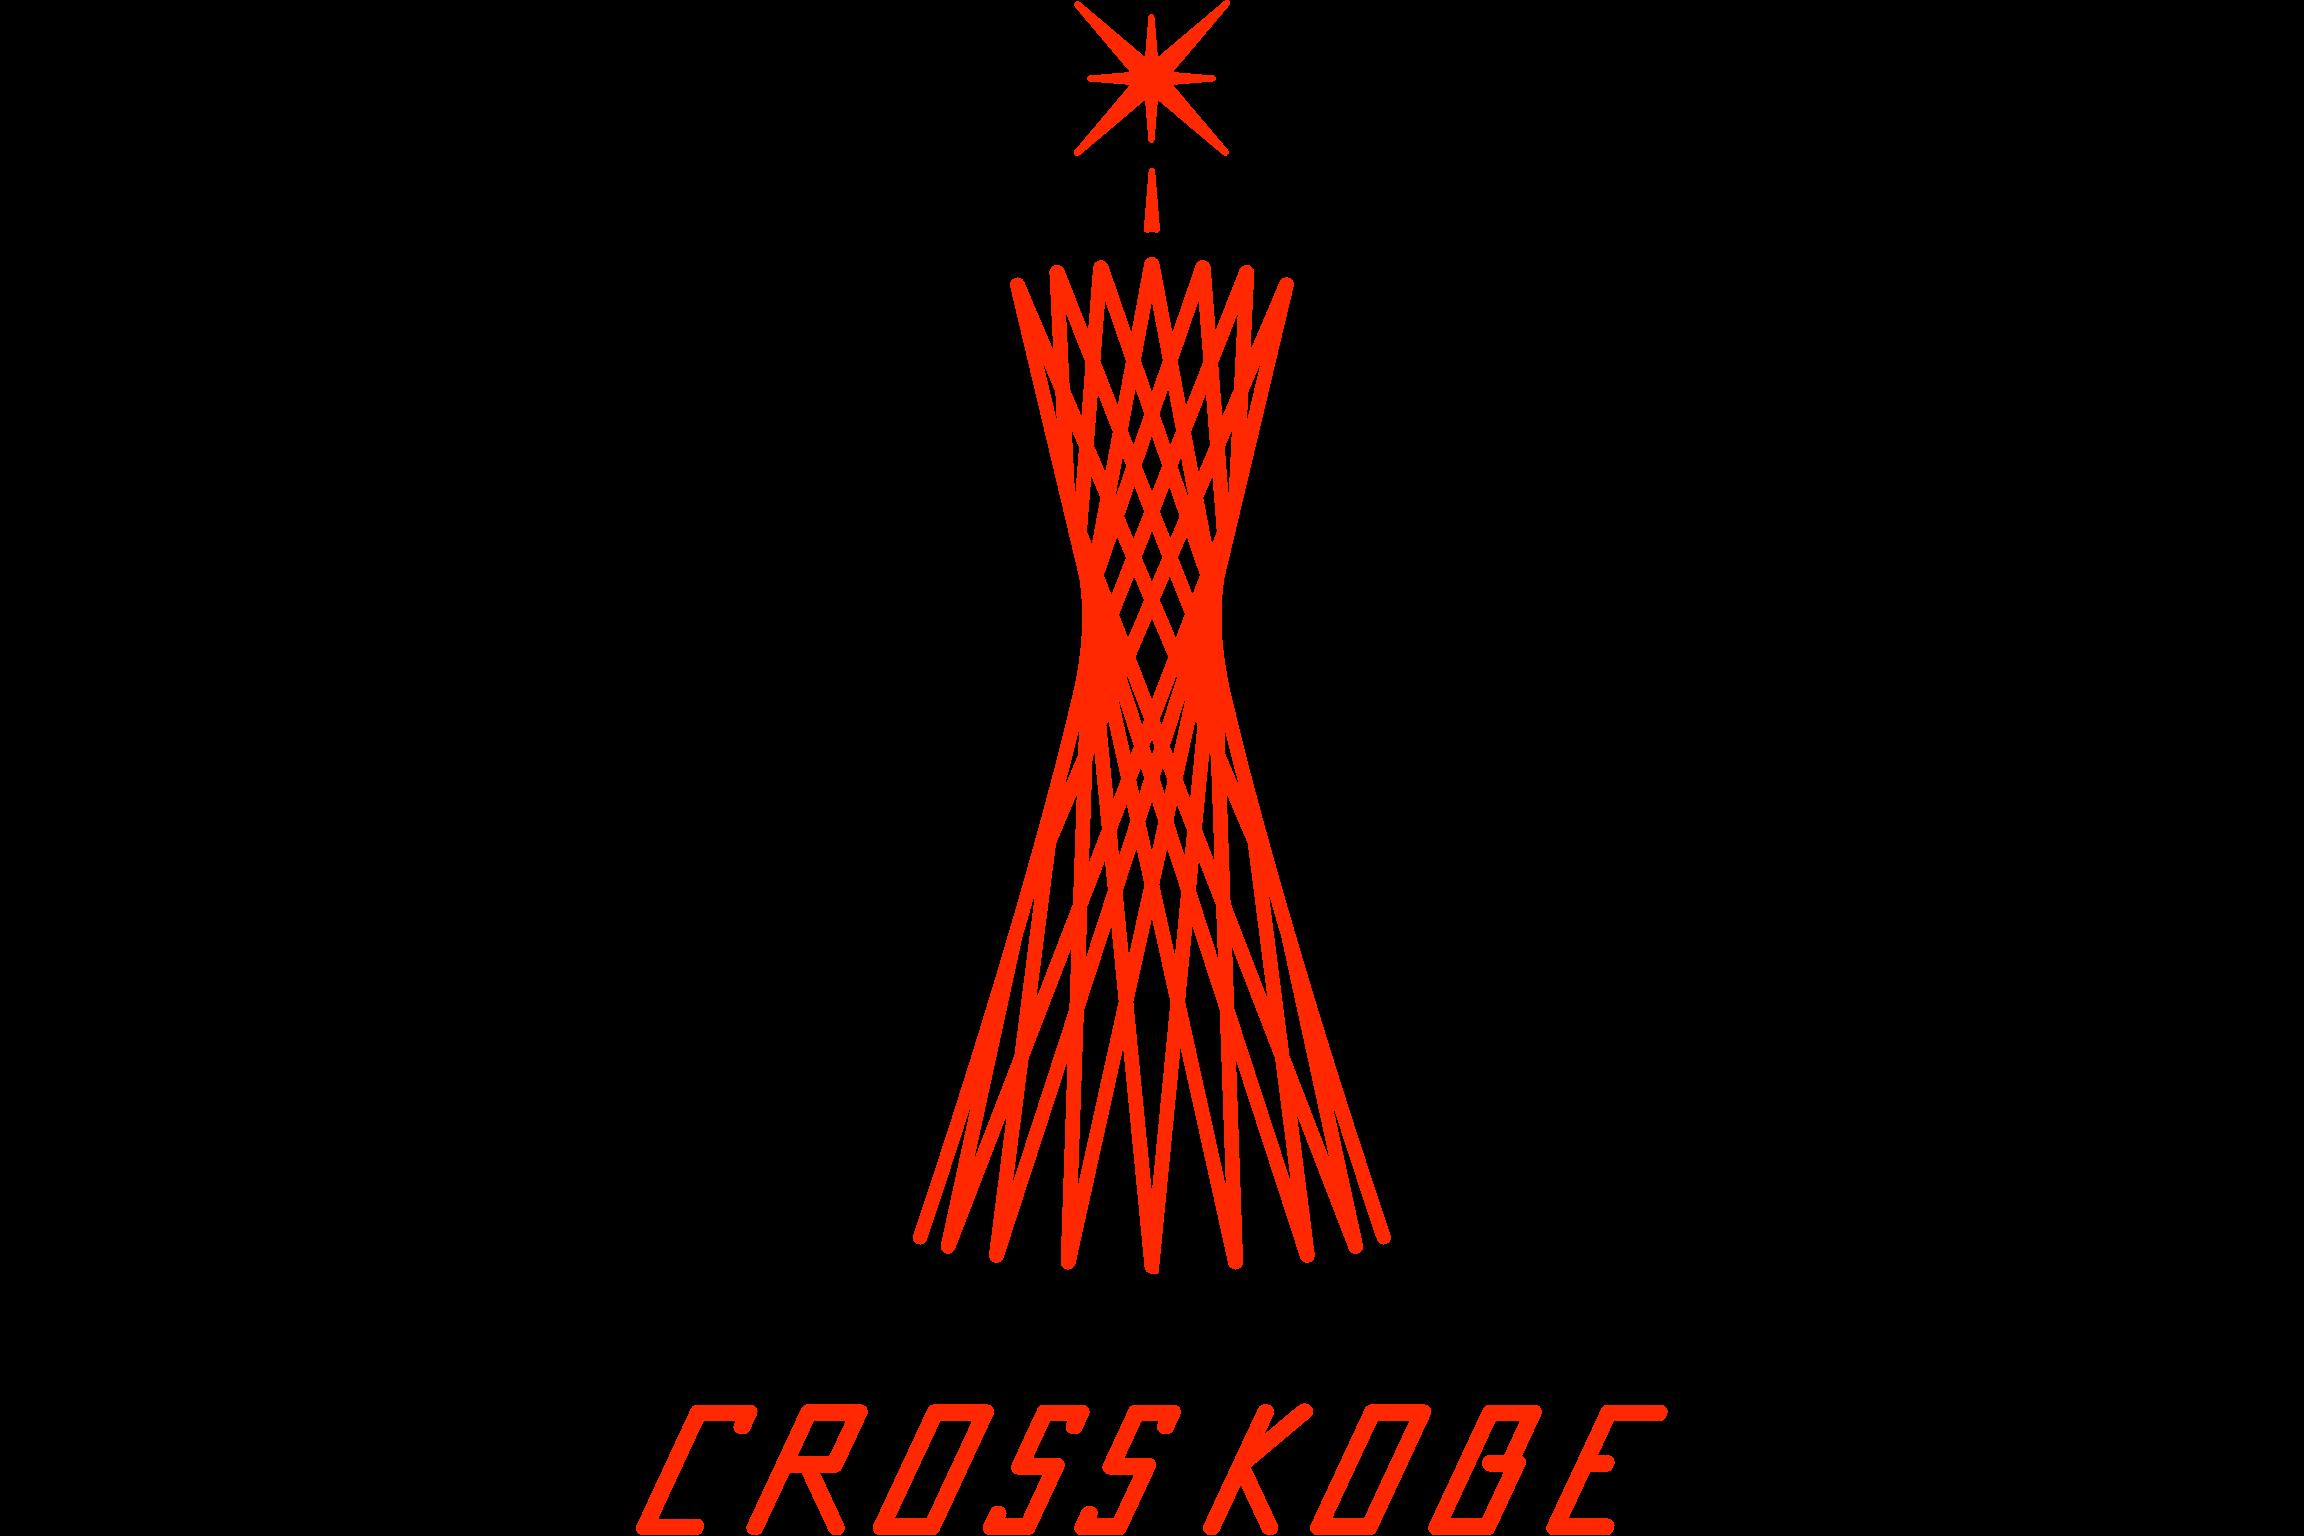 Cross Kobe logo